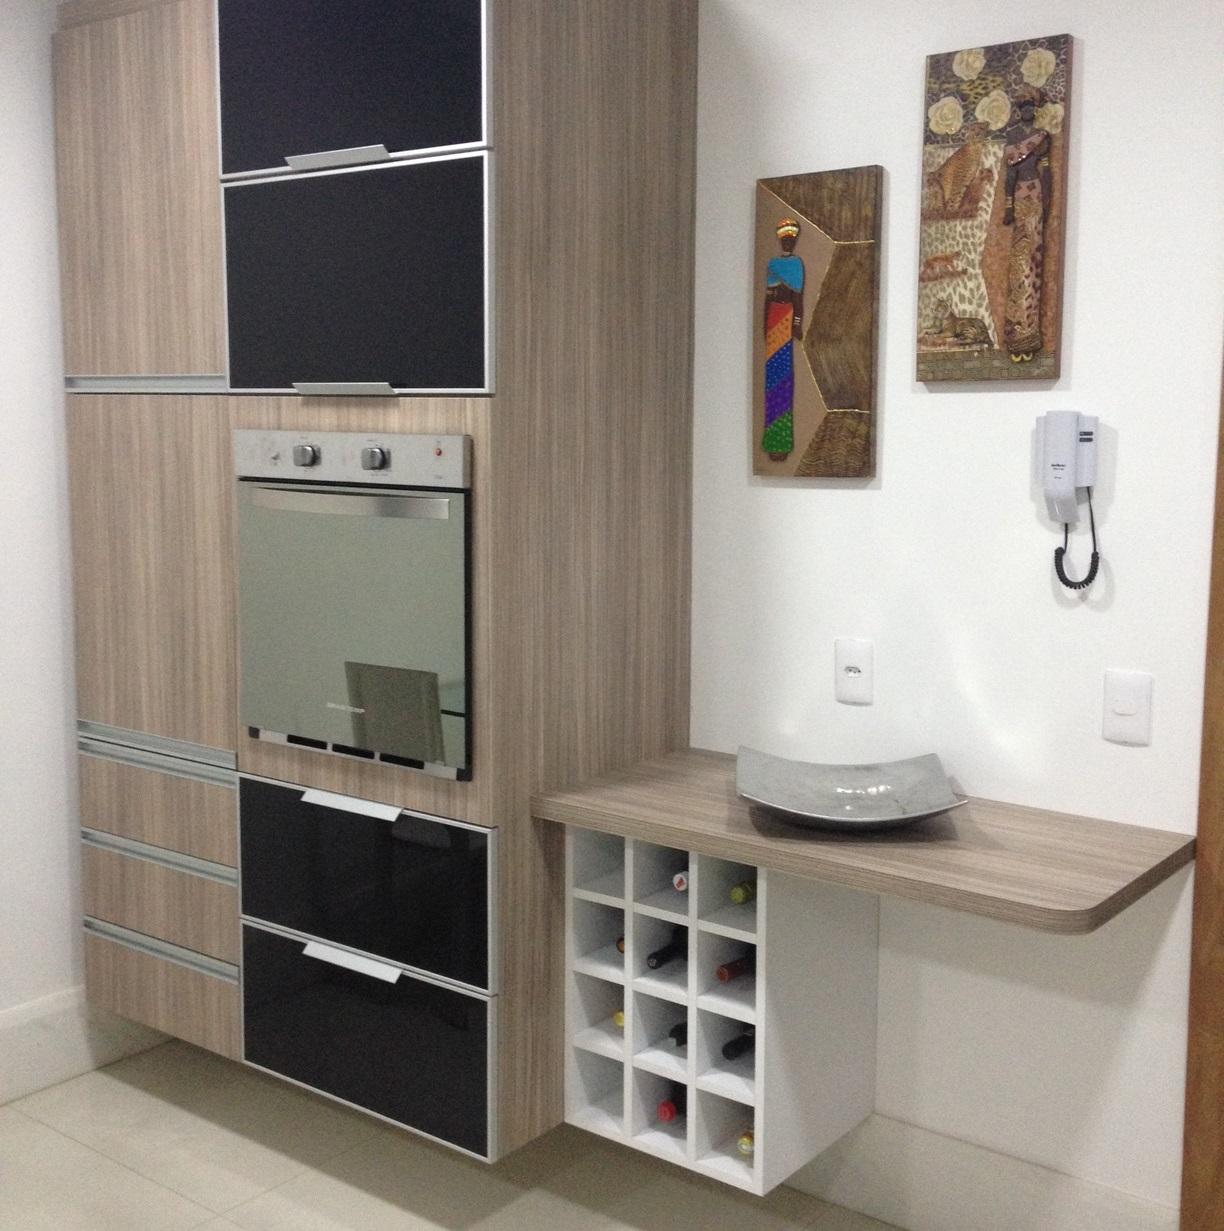 Belenetto Marcenaria Personalizada: Cozinha Marcelo Linheiro  #246583 1224 1231